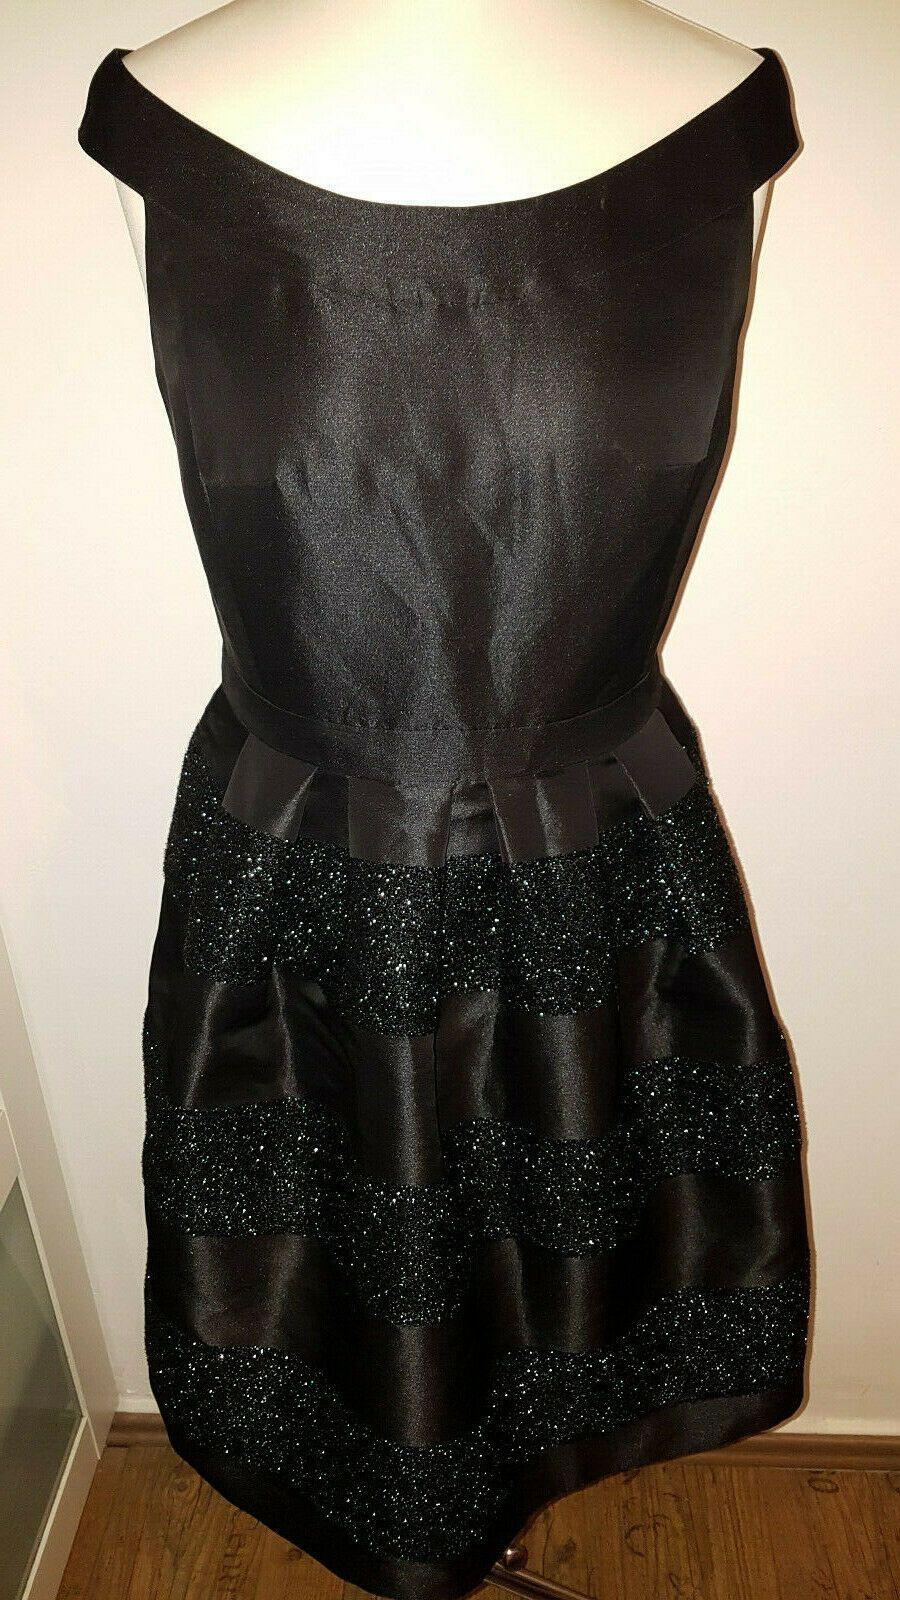 ESPRIT Abendkleid Cocktailkleid schwarz Glitzer-Optik Damen Gr. 18